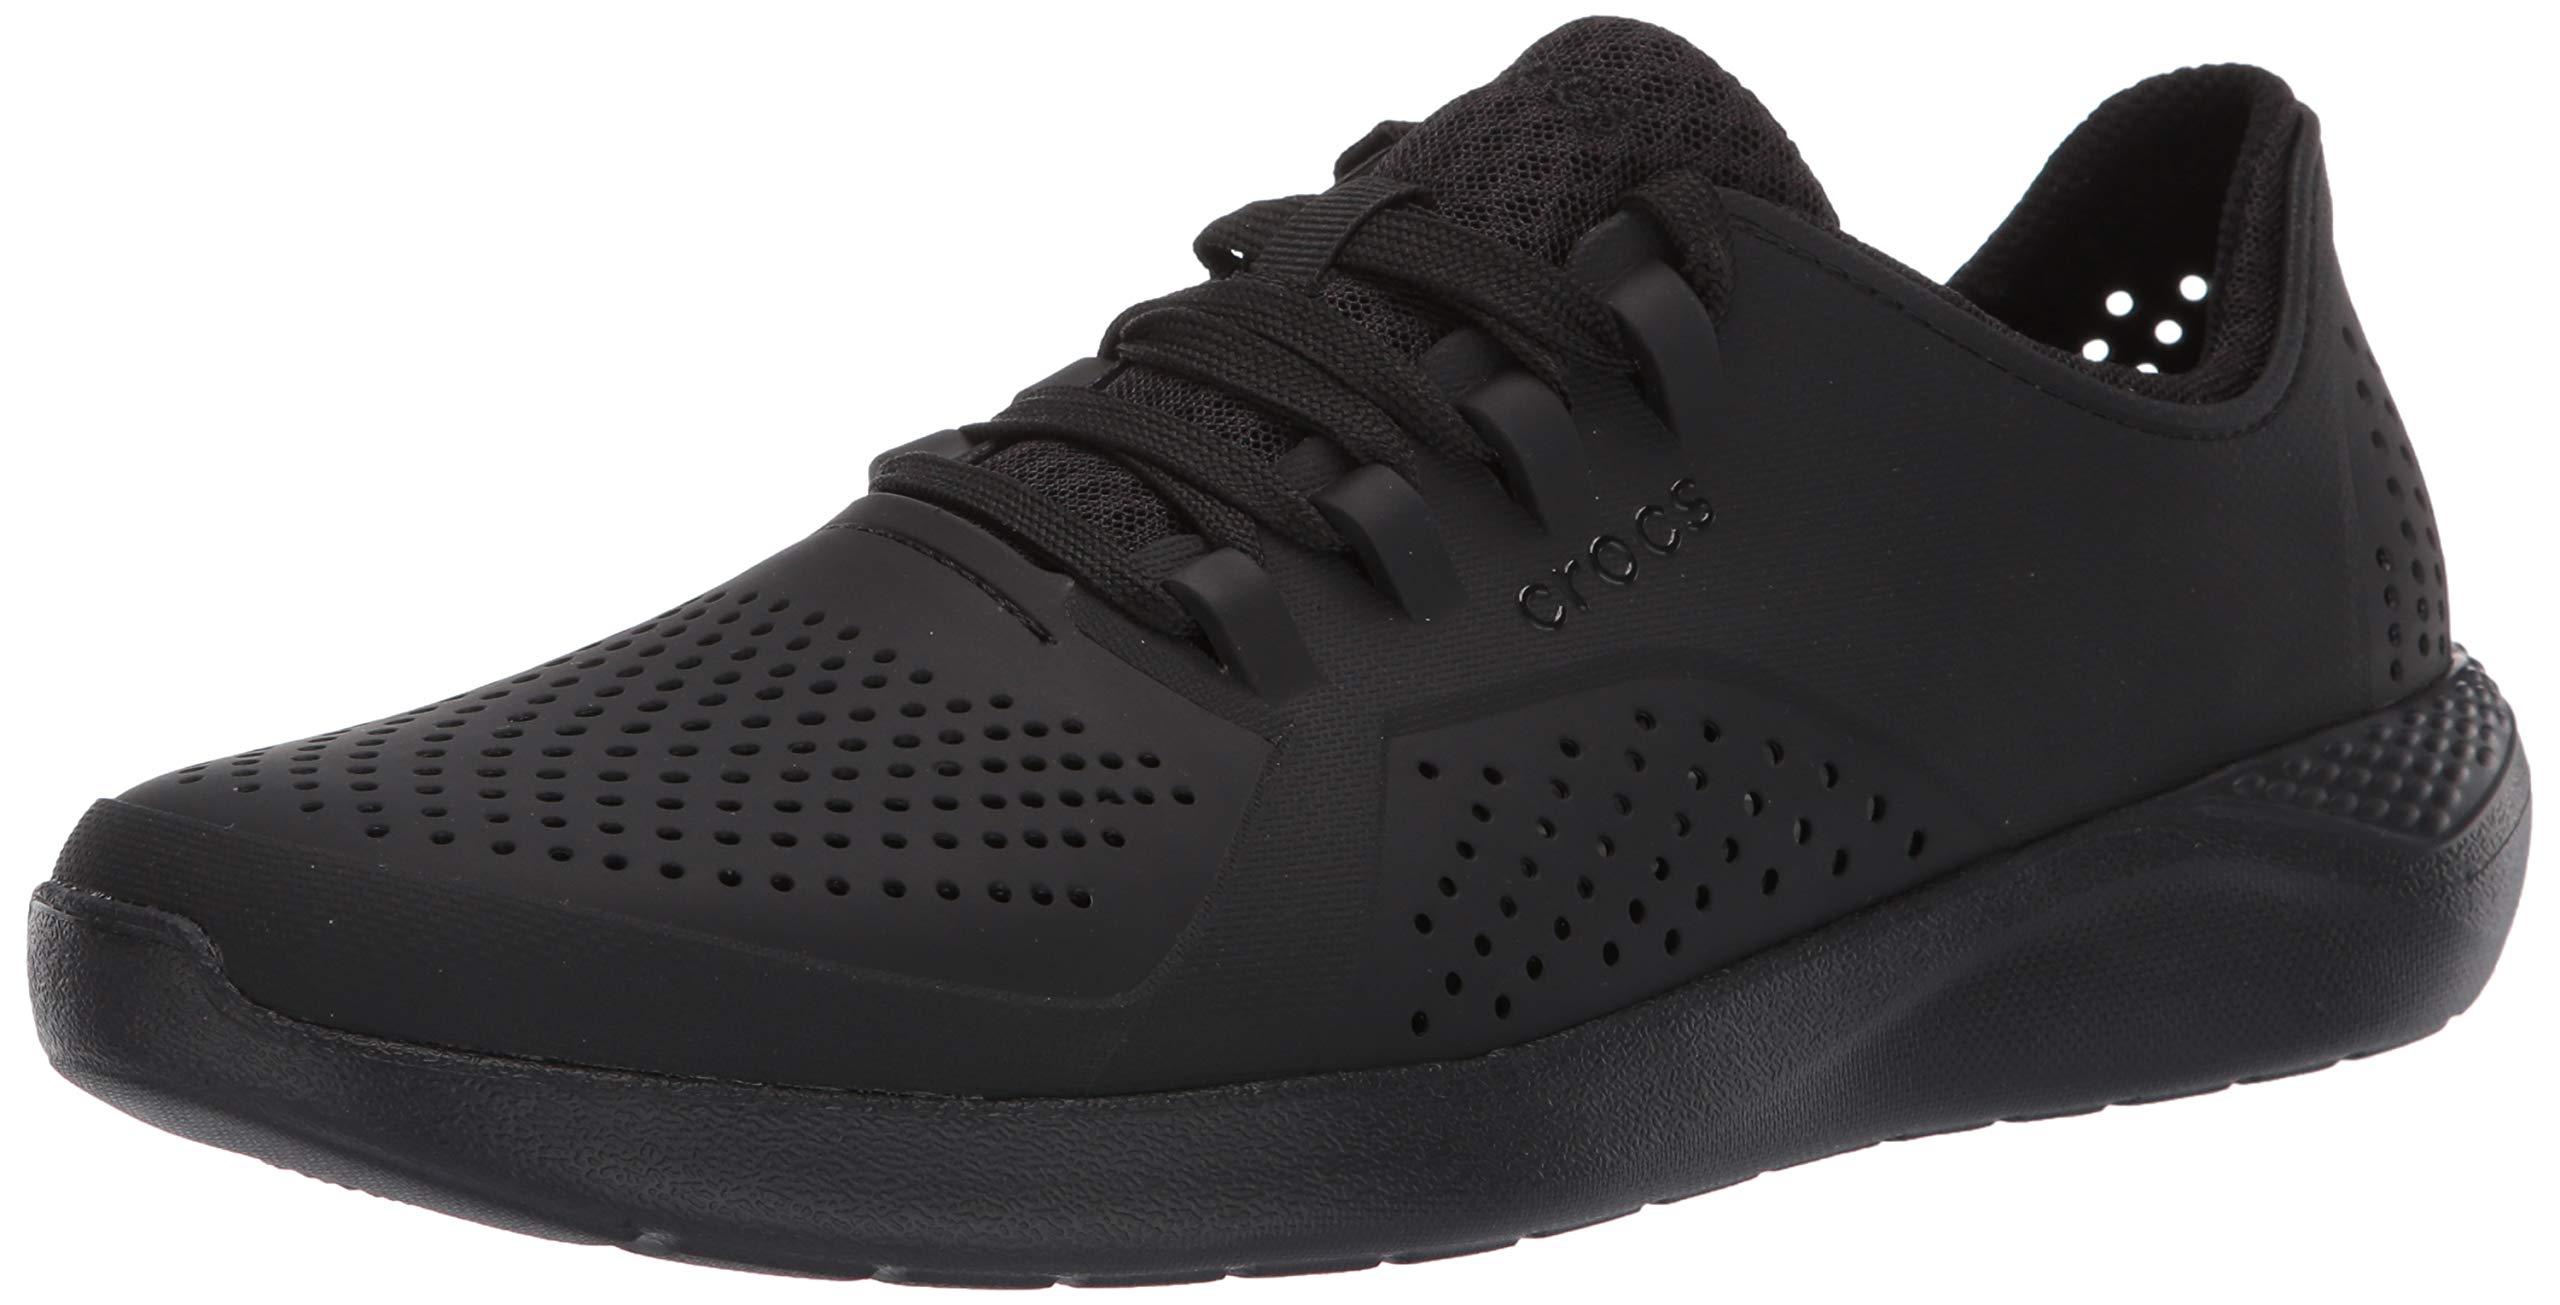 LiteRide Pacer Sneaker, Black